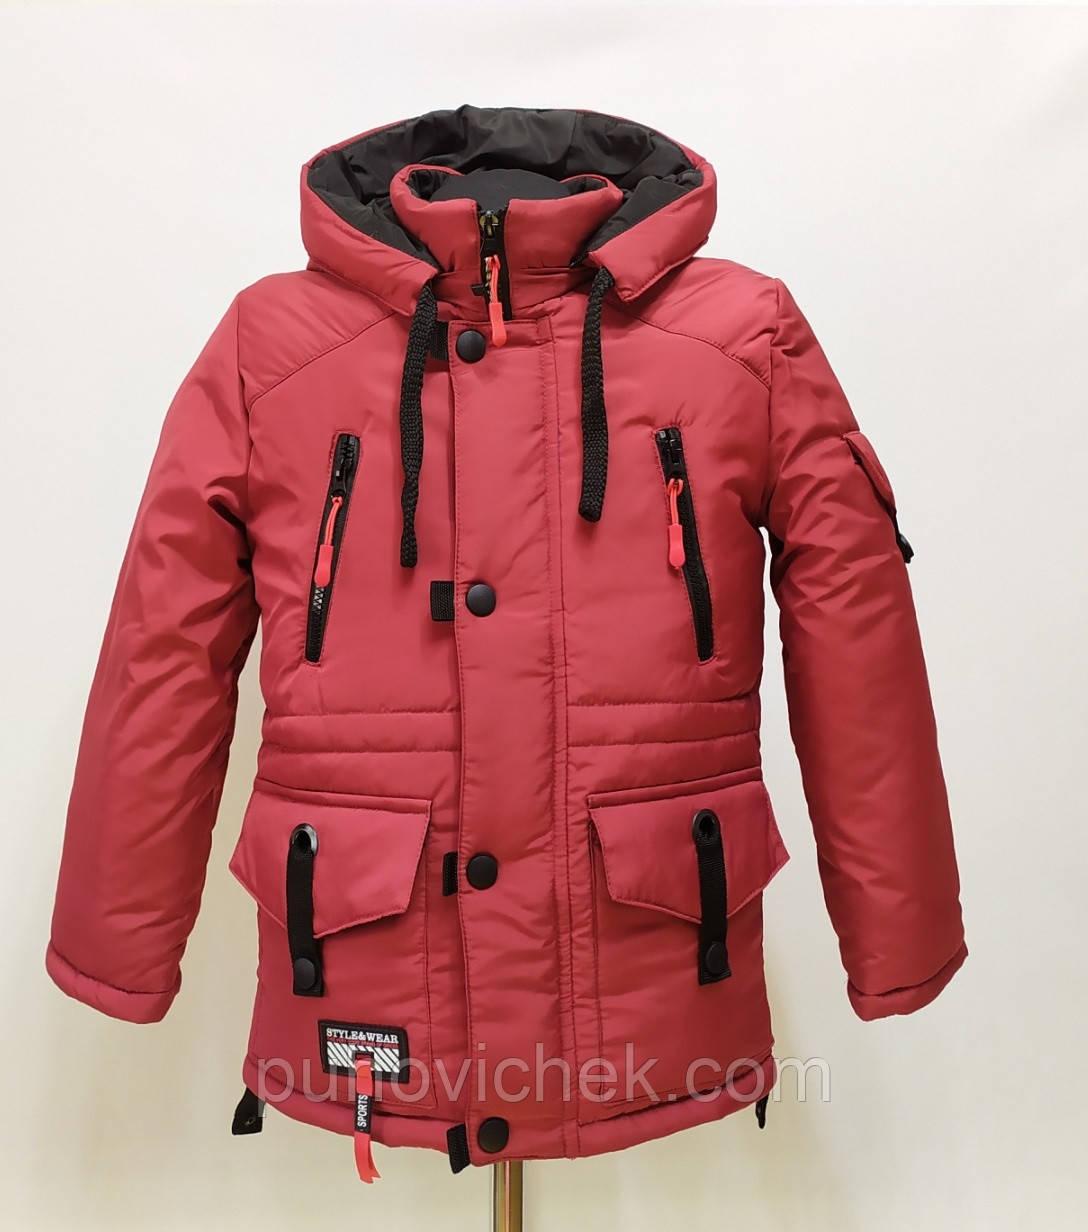 Детские зимние куртки и пуховики для мальчиков на меху размер 98-134